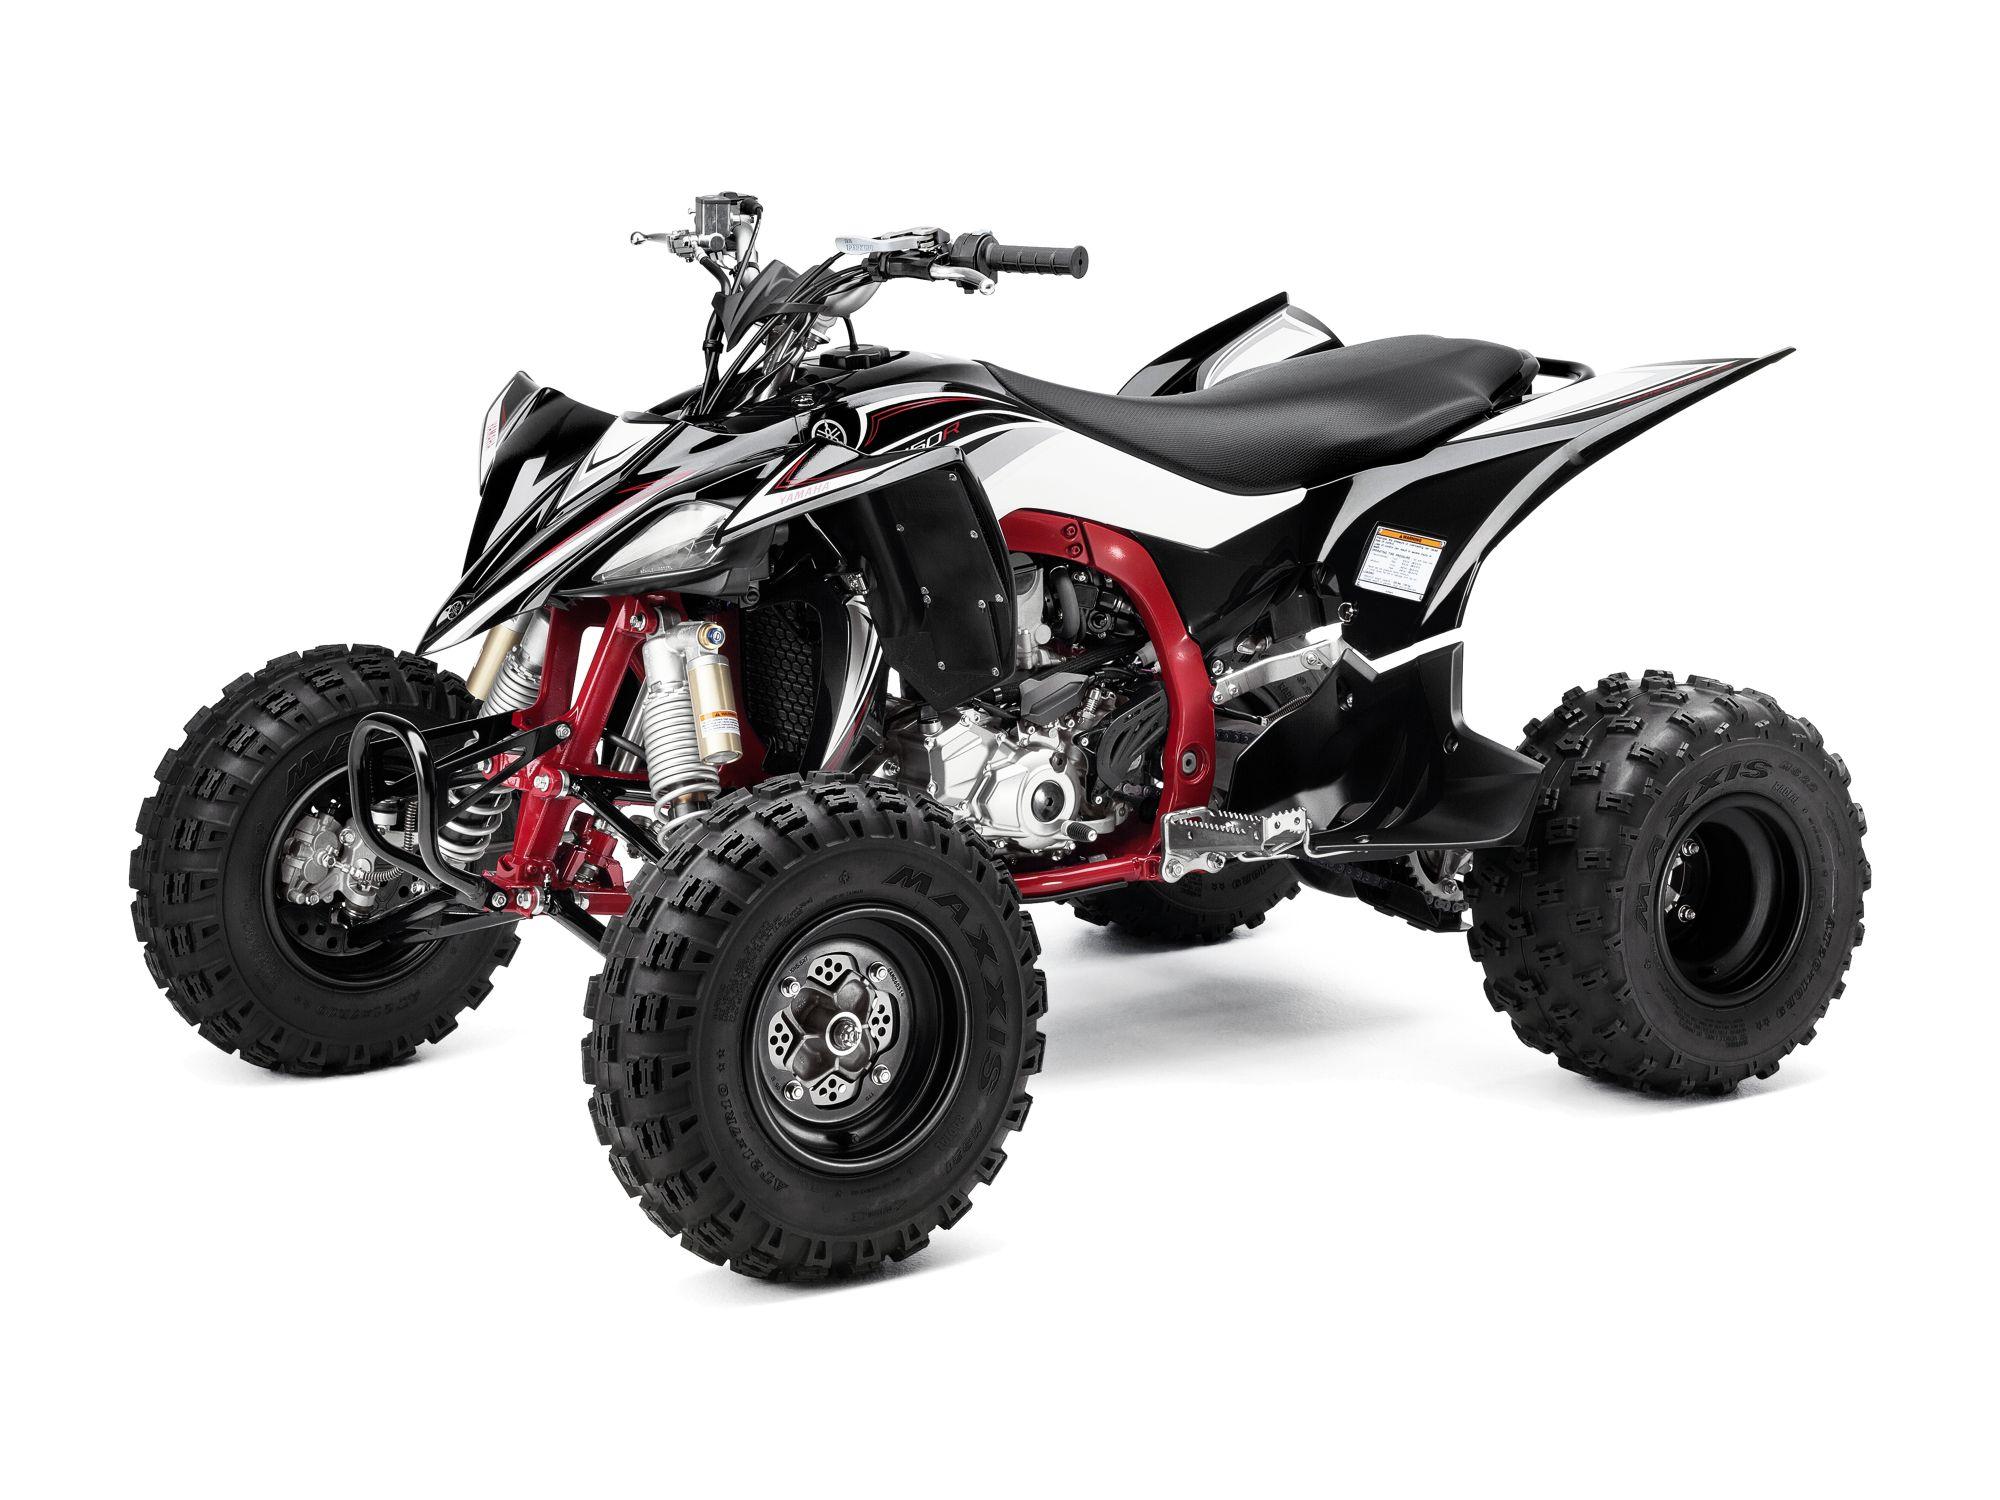 Yamaha YFZ 450 R Bilder und technische Daten